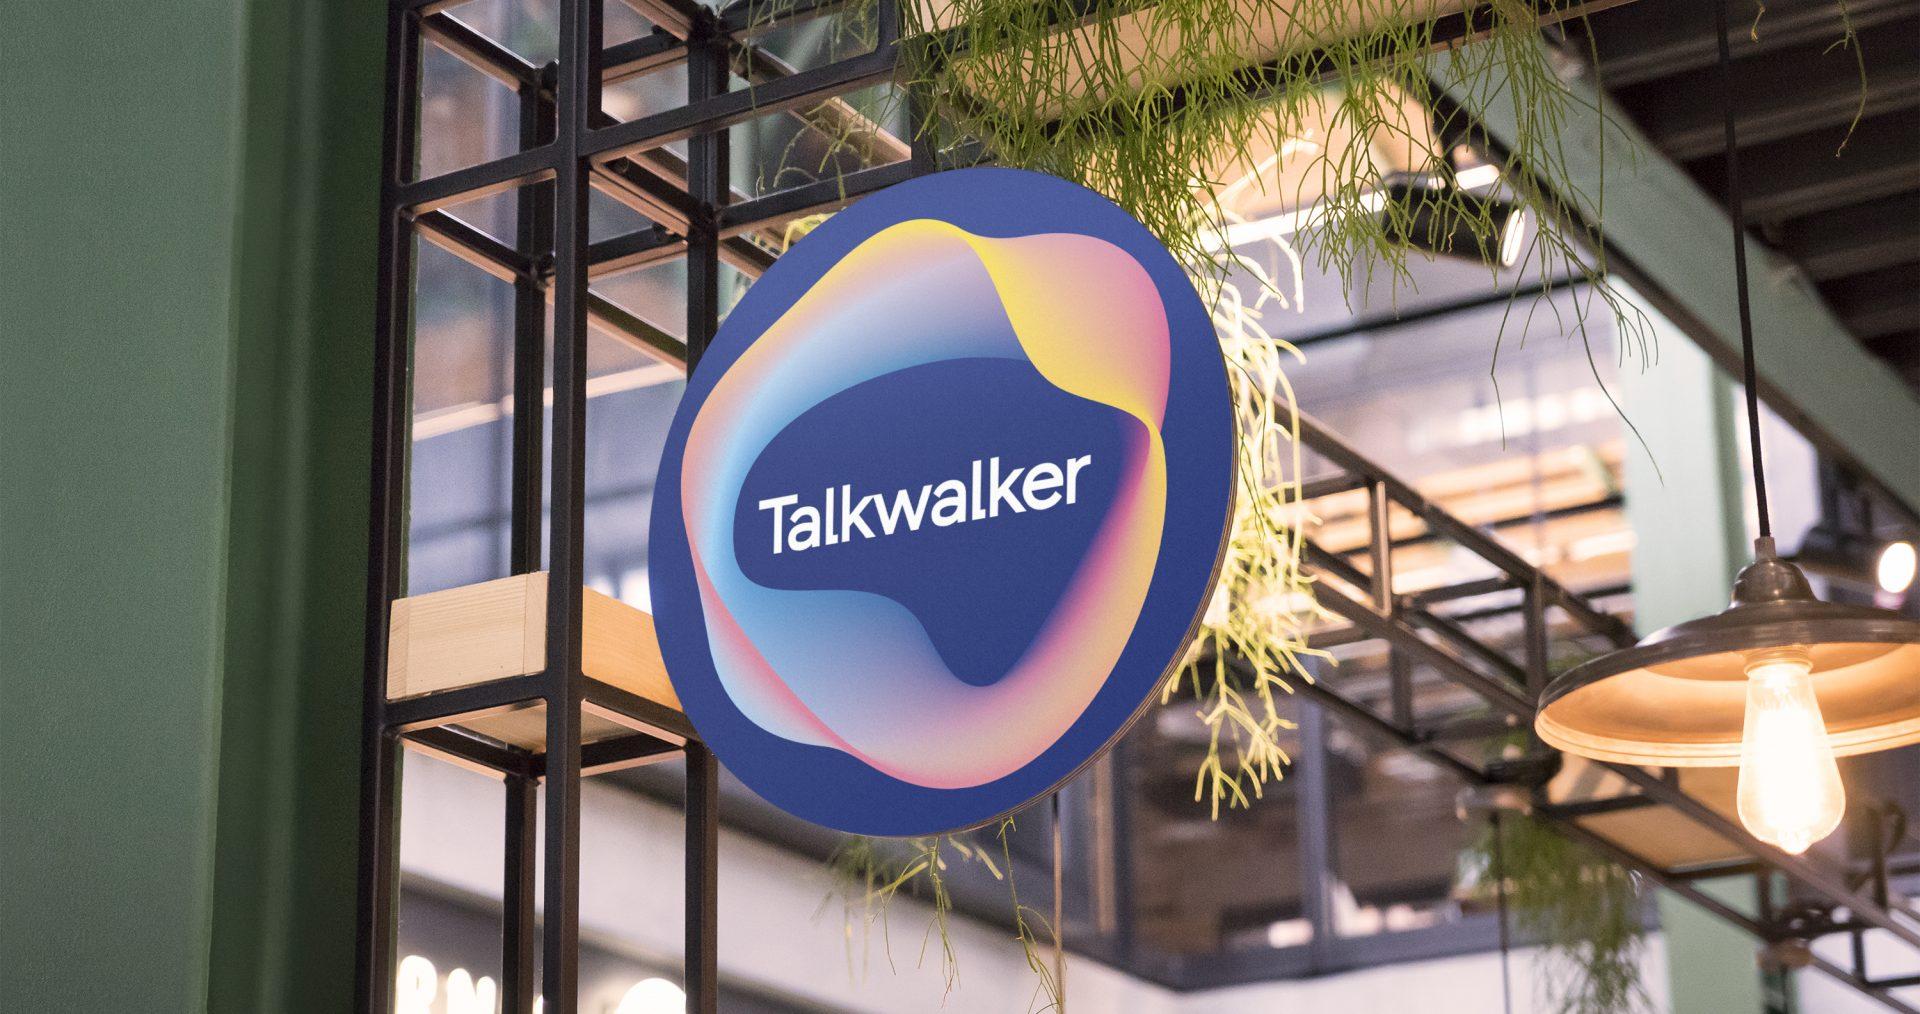 Talkwalker branding on sign